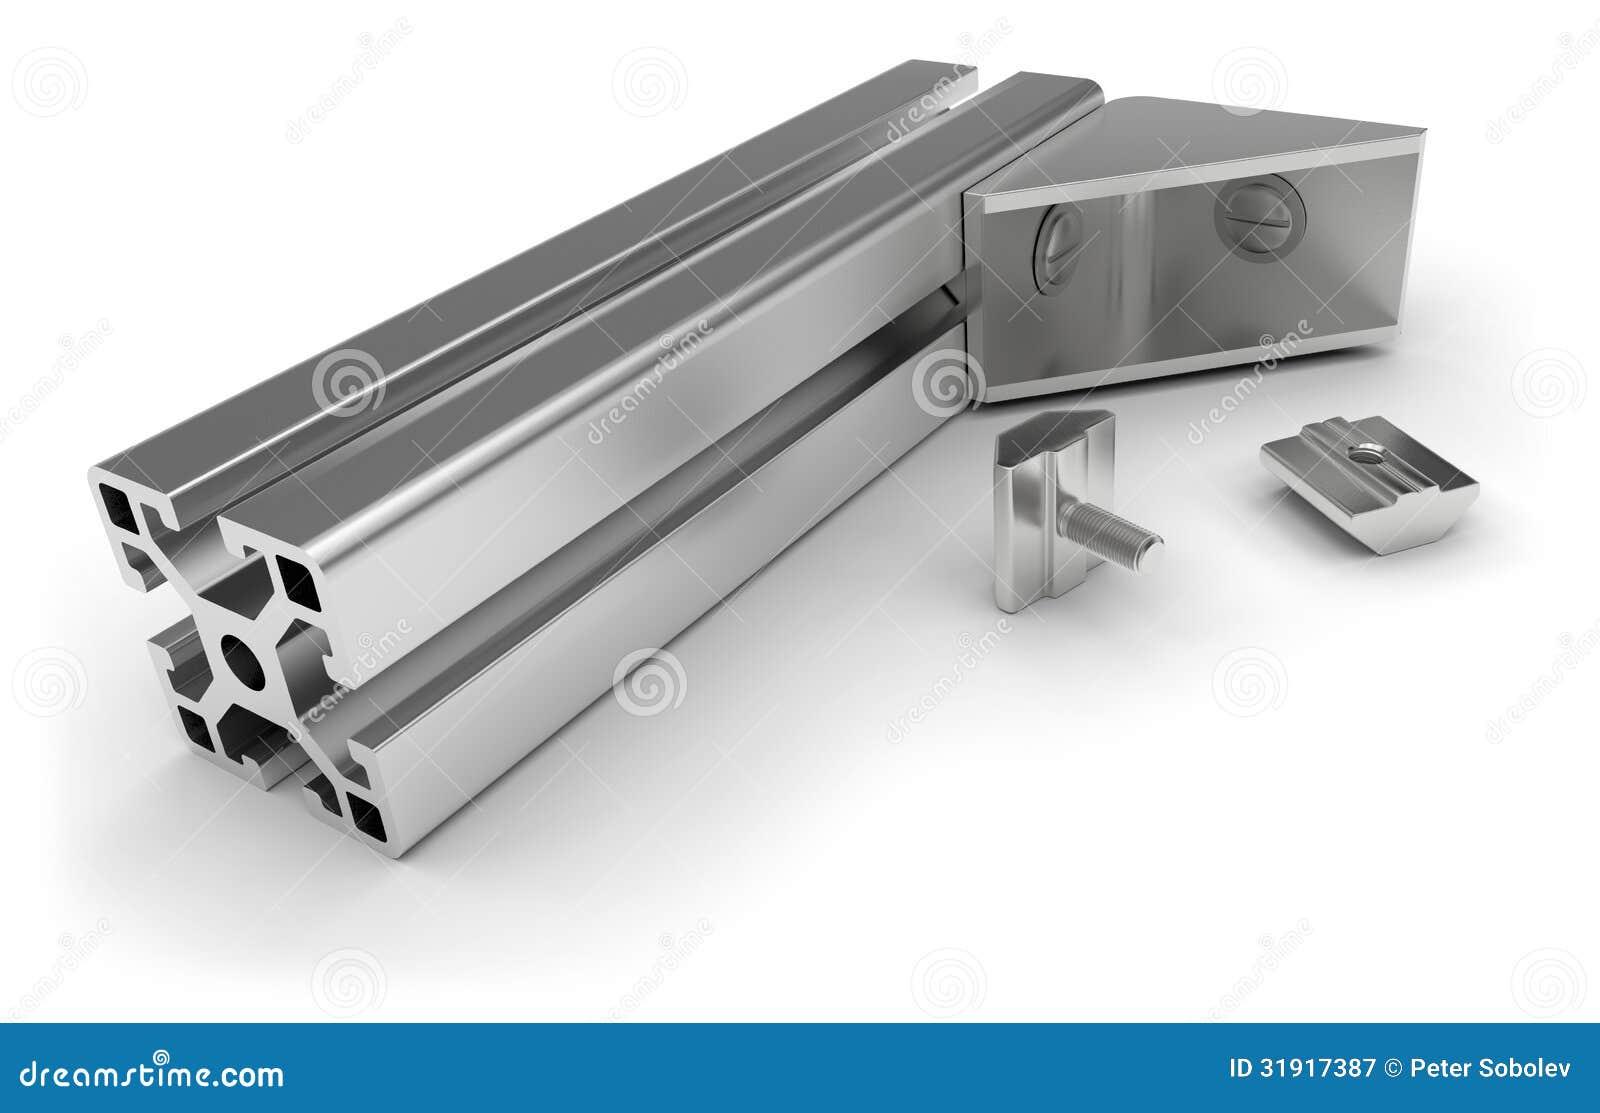 accessoires en aluminium de profil photographie stock libre de droits image 31917387. Black Bedroom Furniture Sets. Home Design Ideas